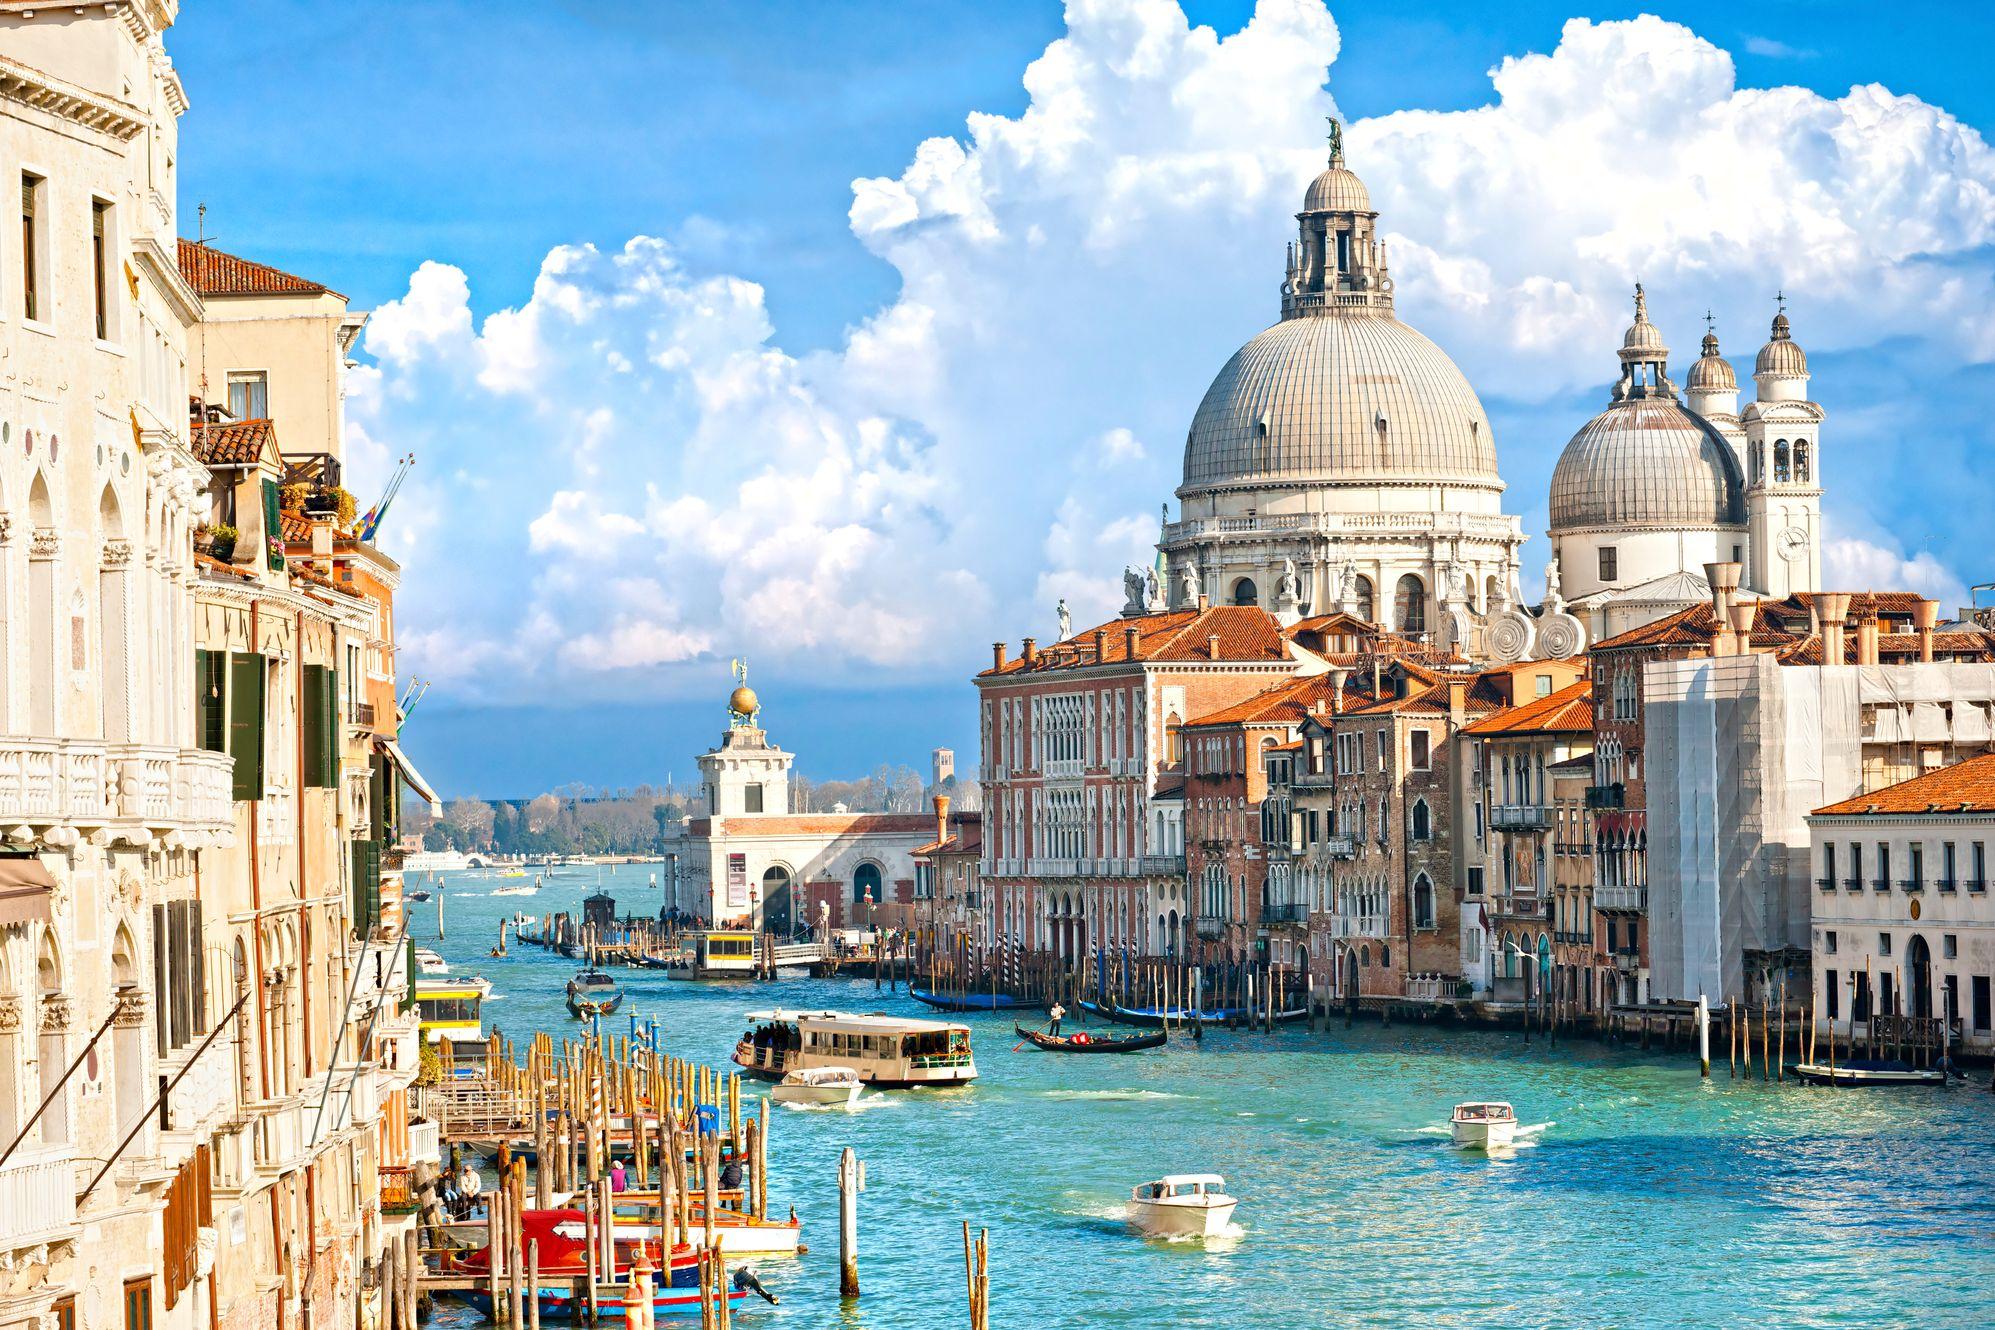 Где интереснее отдыхать: в Италии или Испании